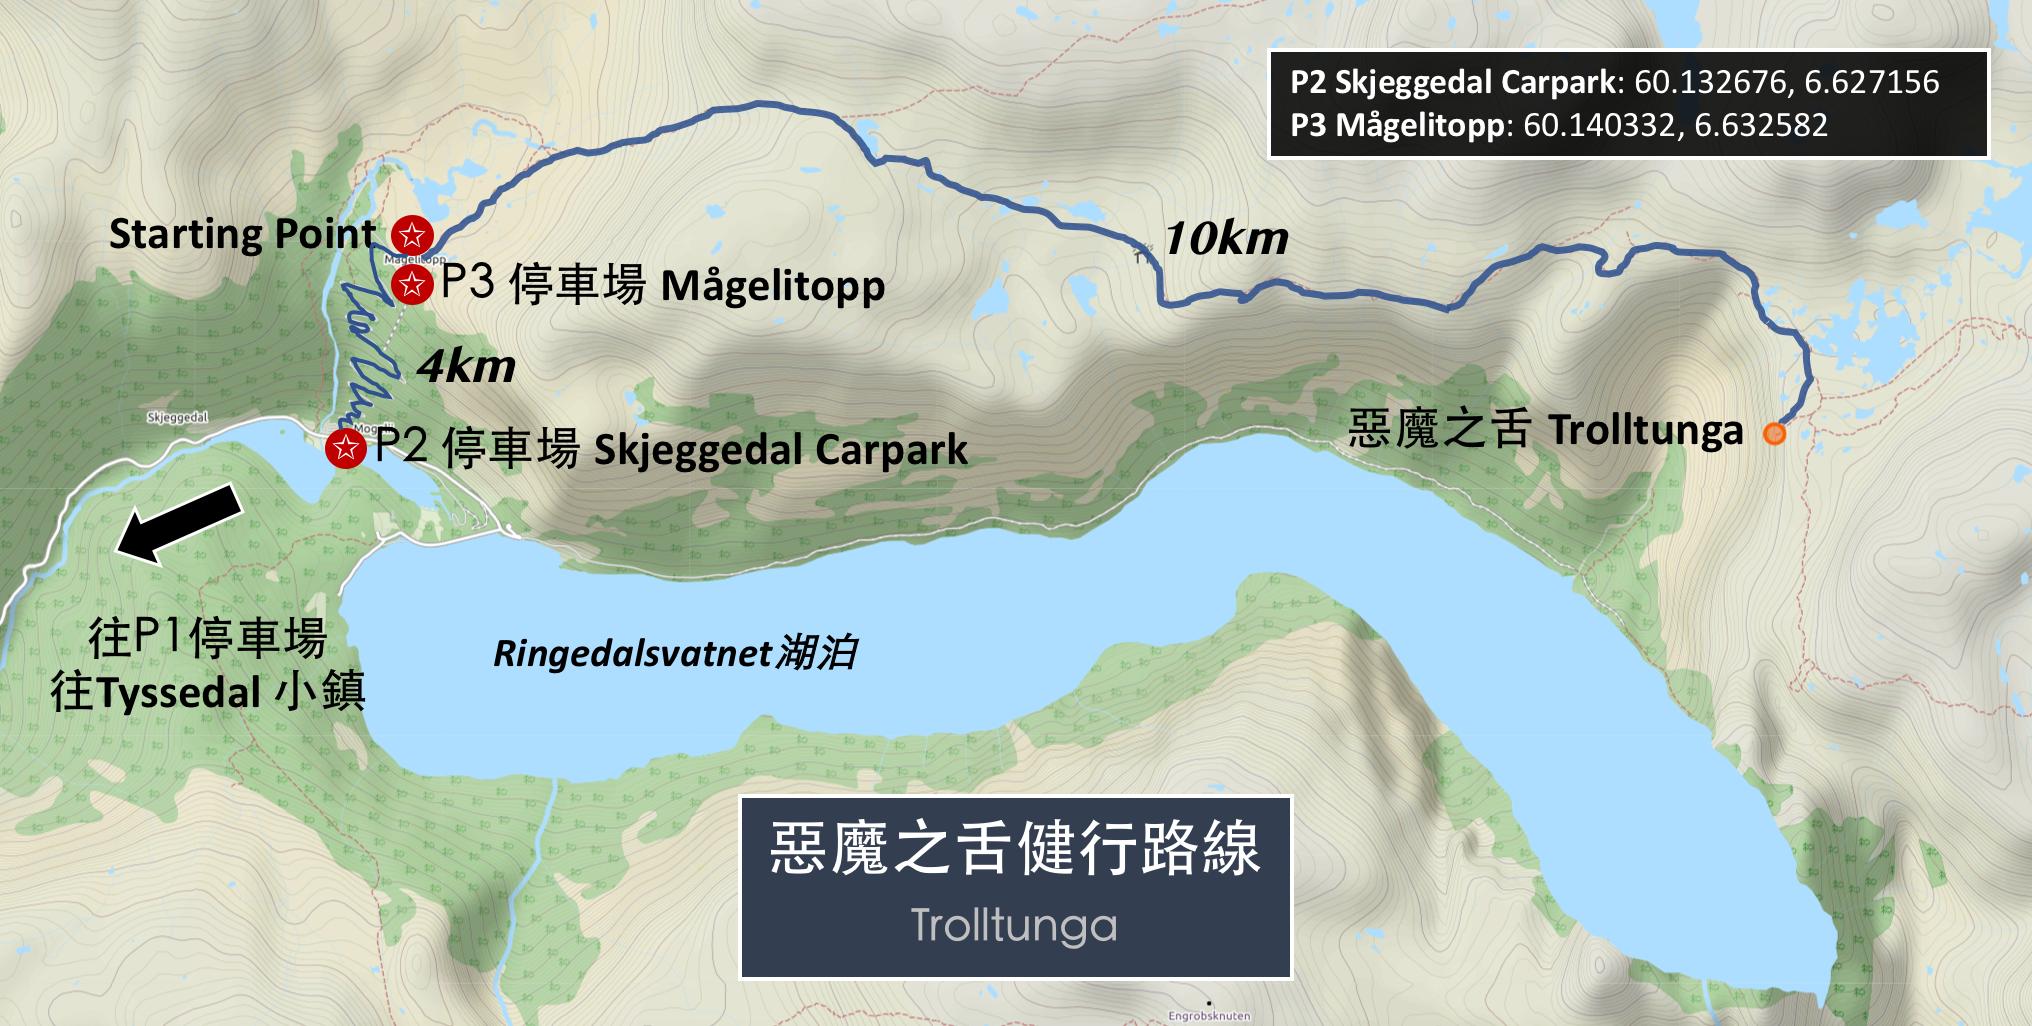 【北歐景點】挪威惡魔之舌 Trolltunga — 28公里健行挑戰全攻略 172